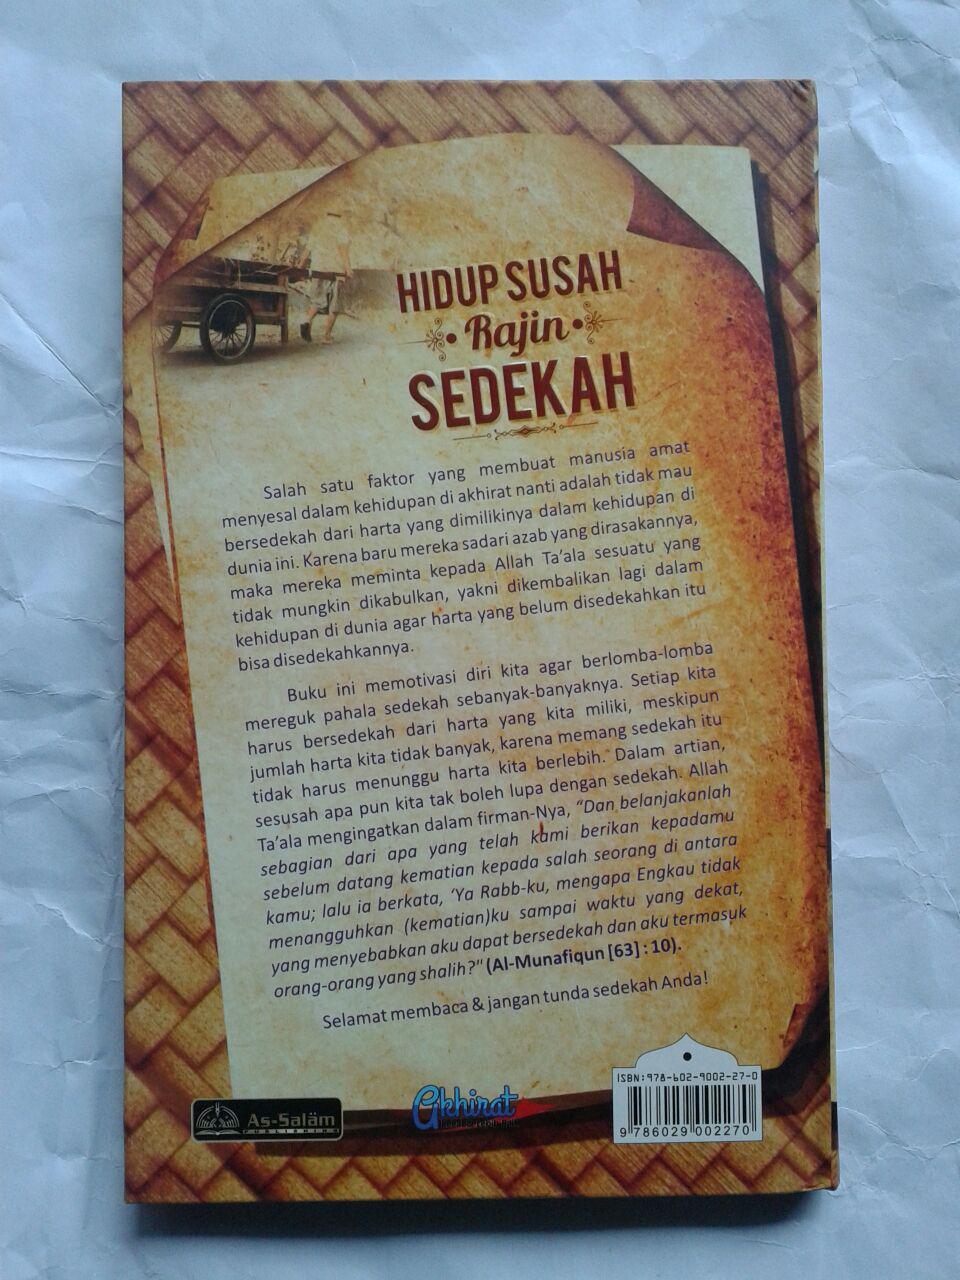 Buku Hidup Susah Rajin Sedekah 38,000 15% 32,300 cover 2